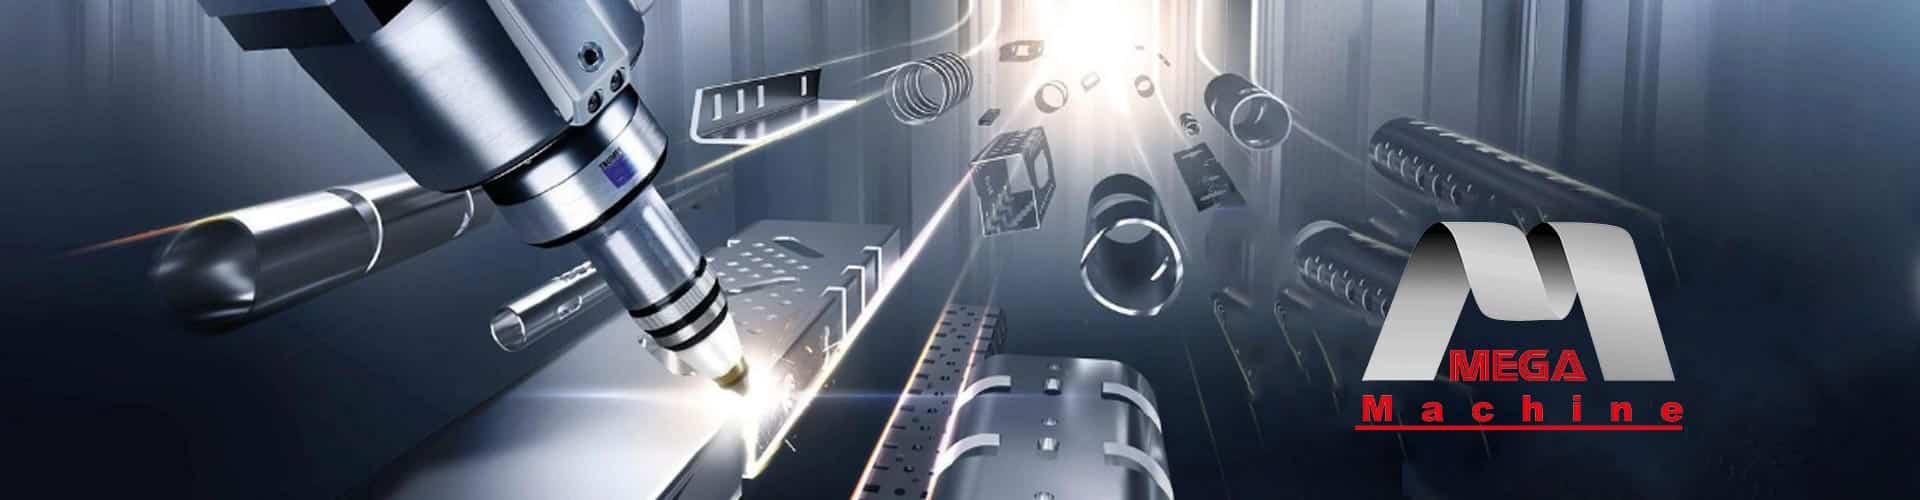 انواع روش های برش لیزری برش لیزر فلزات